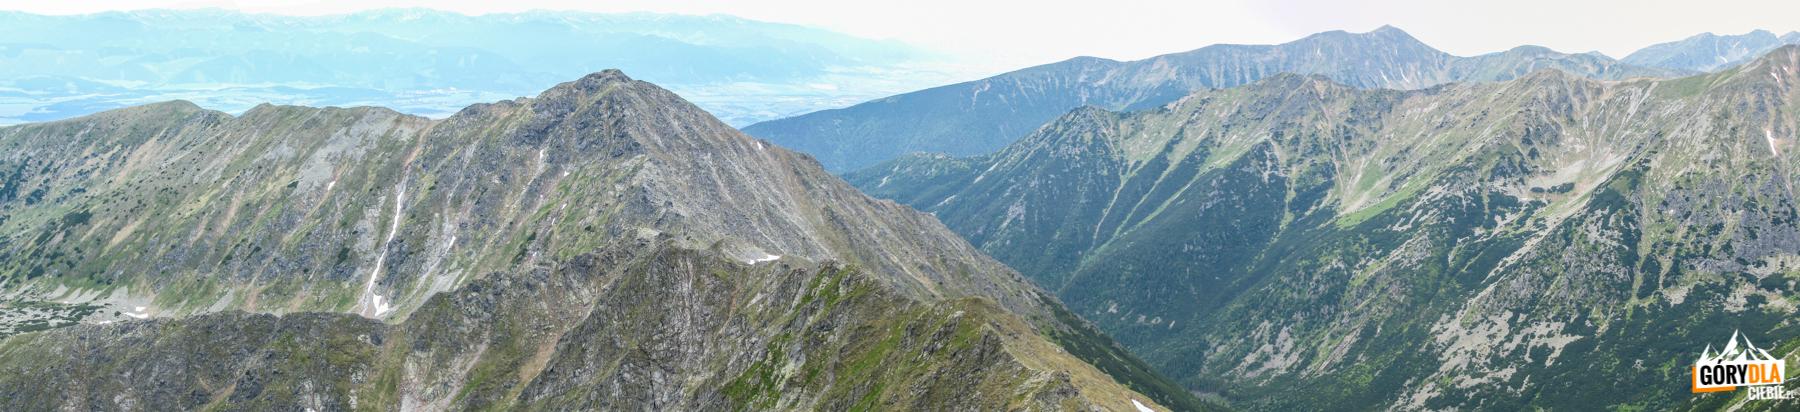 Widok z Bystrej (2248 m) na Zadnią Kopę (2162 m) i Dolinę Raczkową